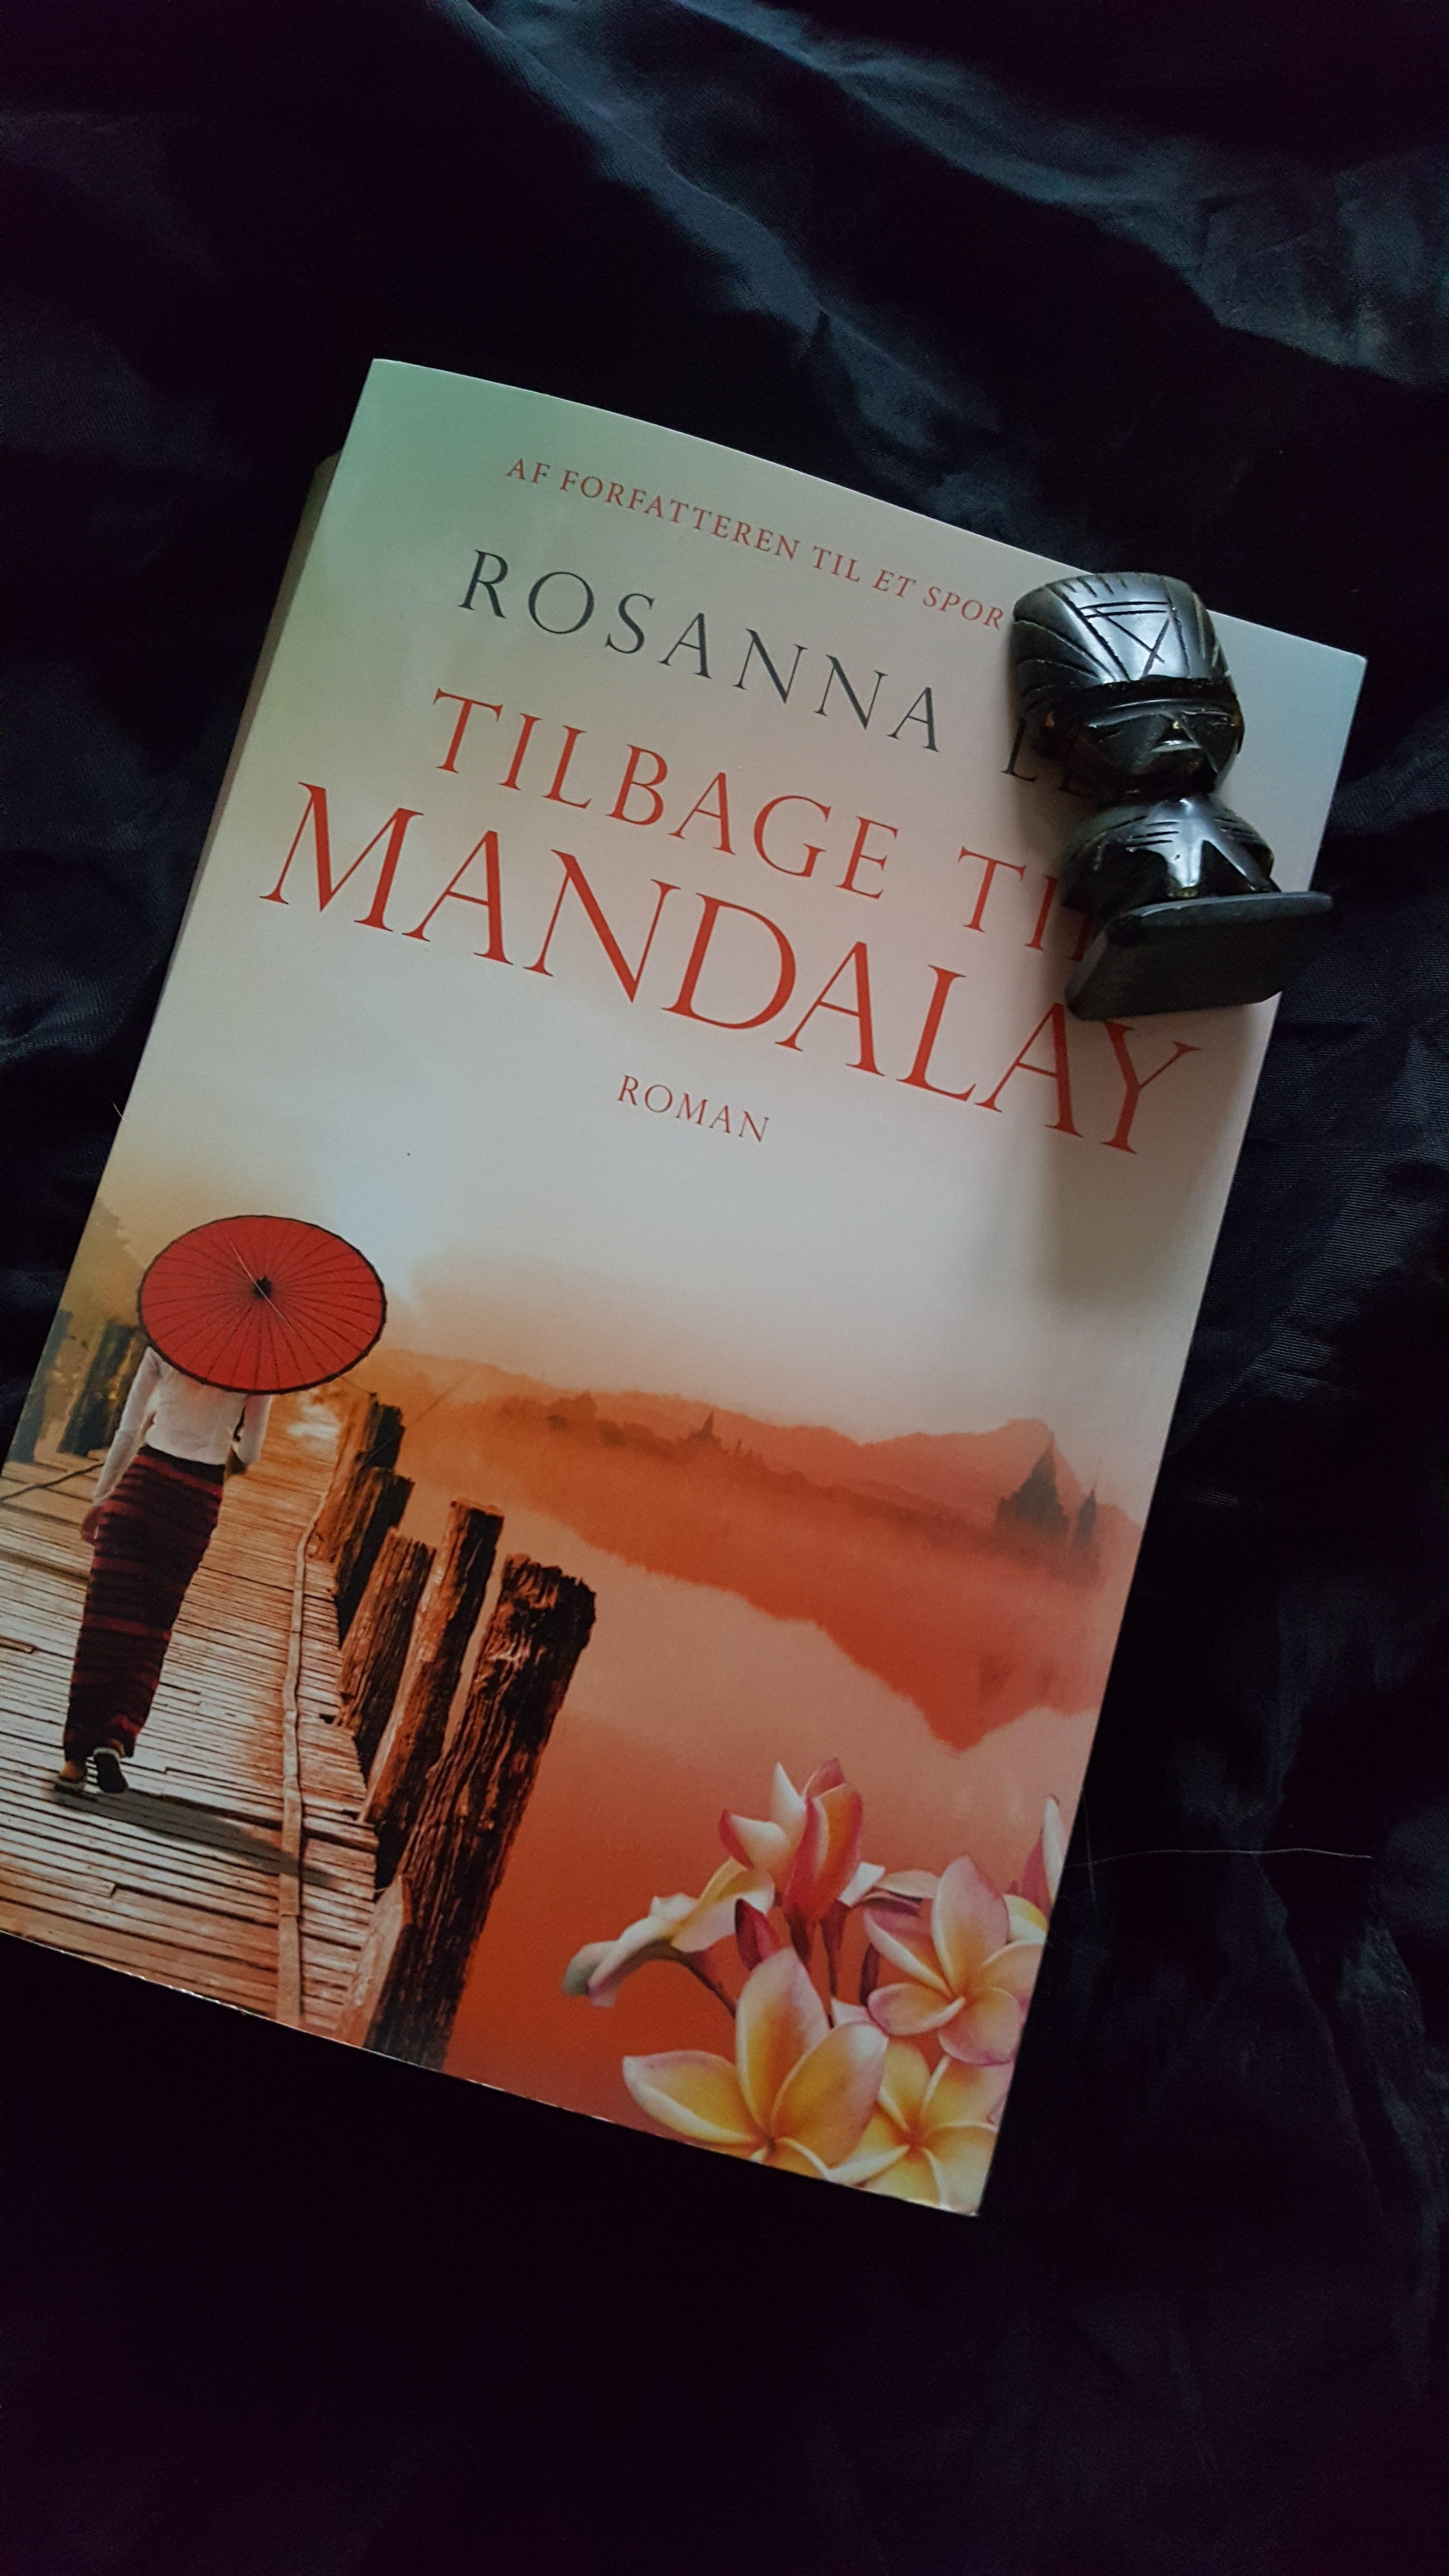 Tilbage til Mandalay af Rosanna Ley